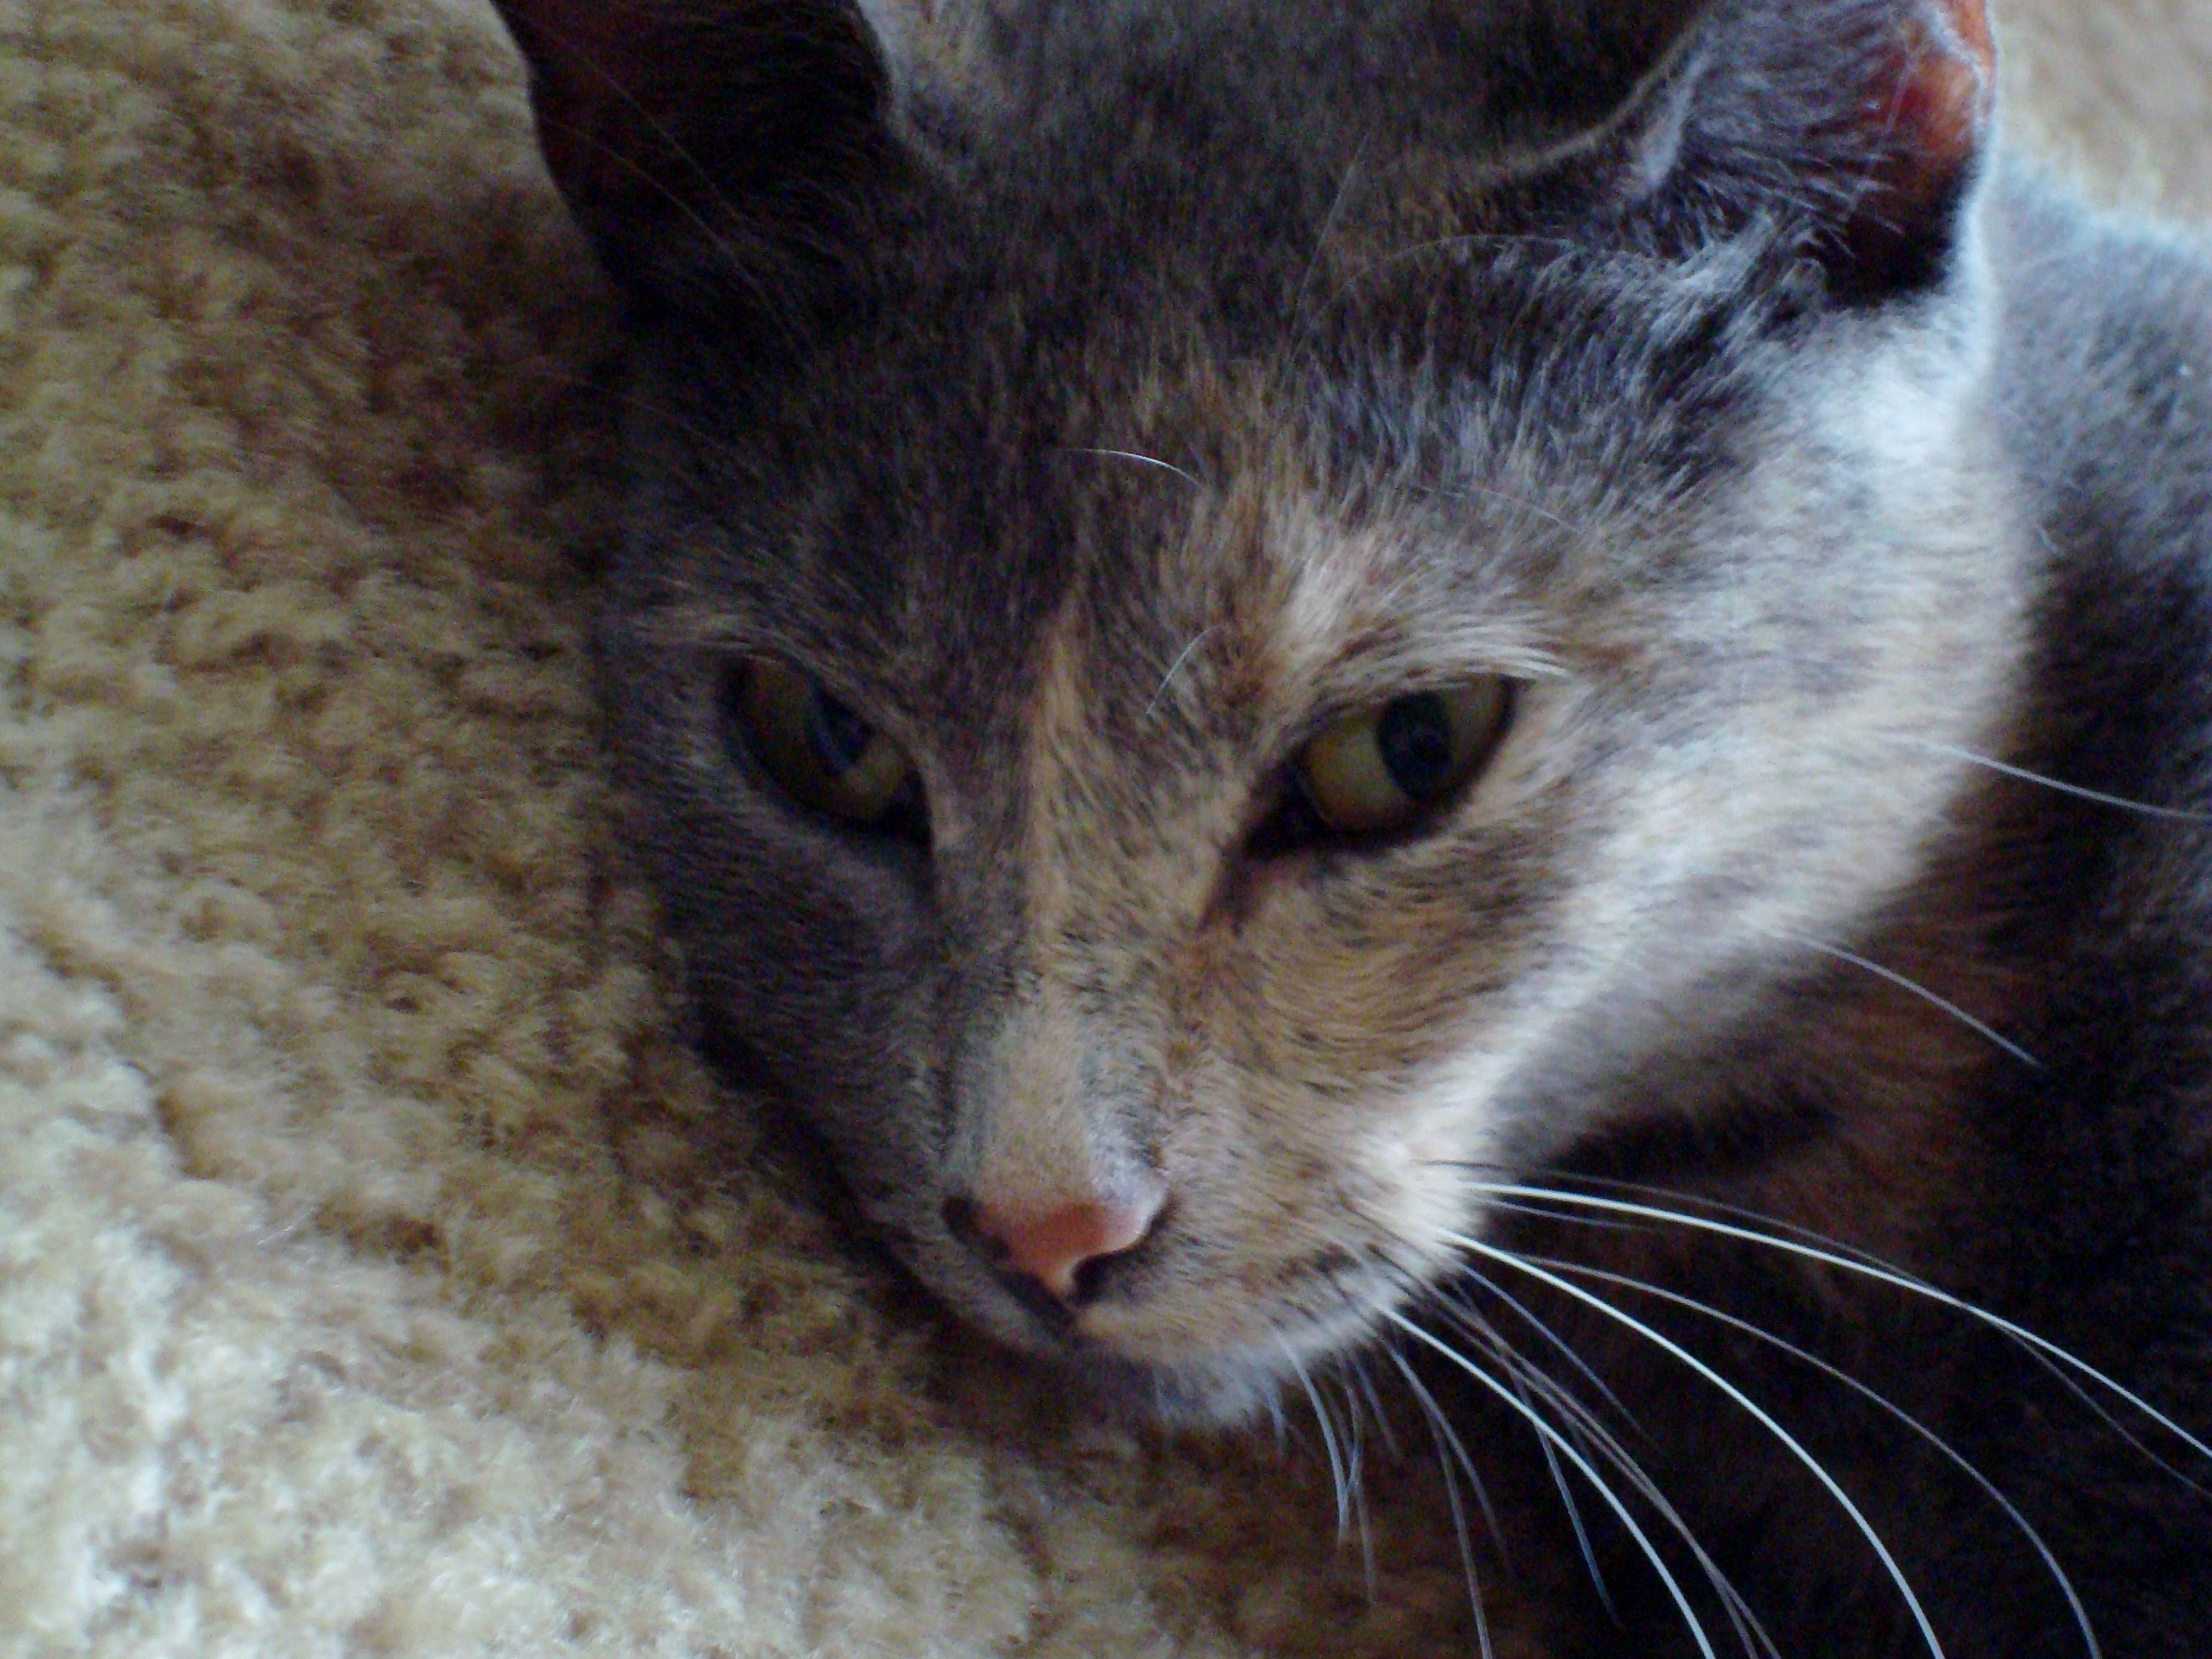 American Ringtail, American, Cat, Cute, Female, HQ Photo